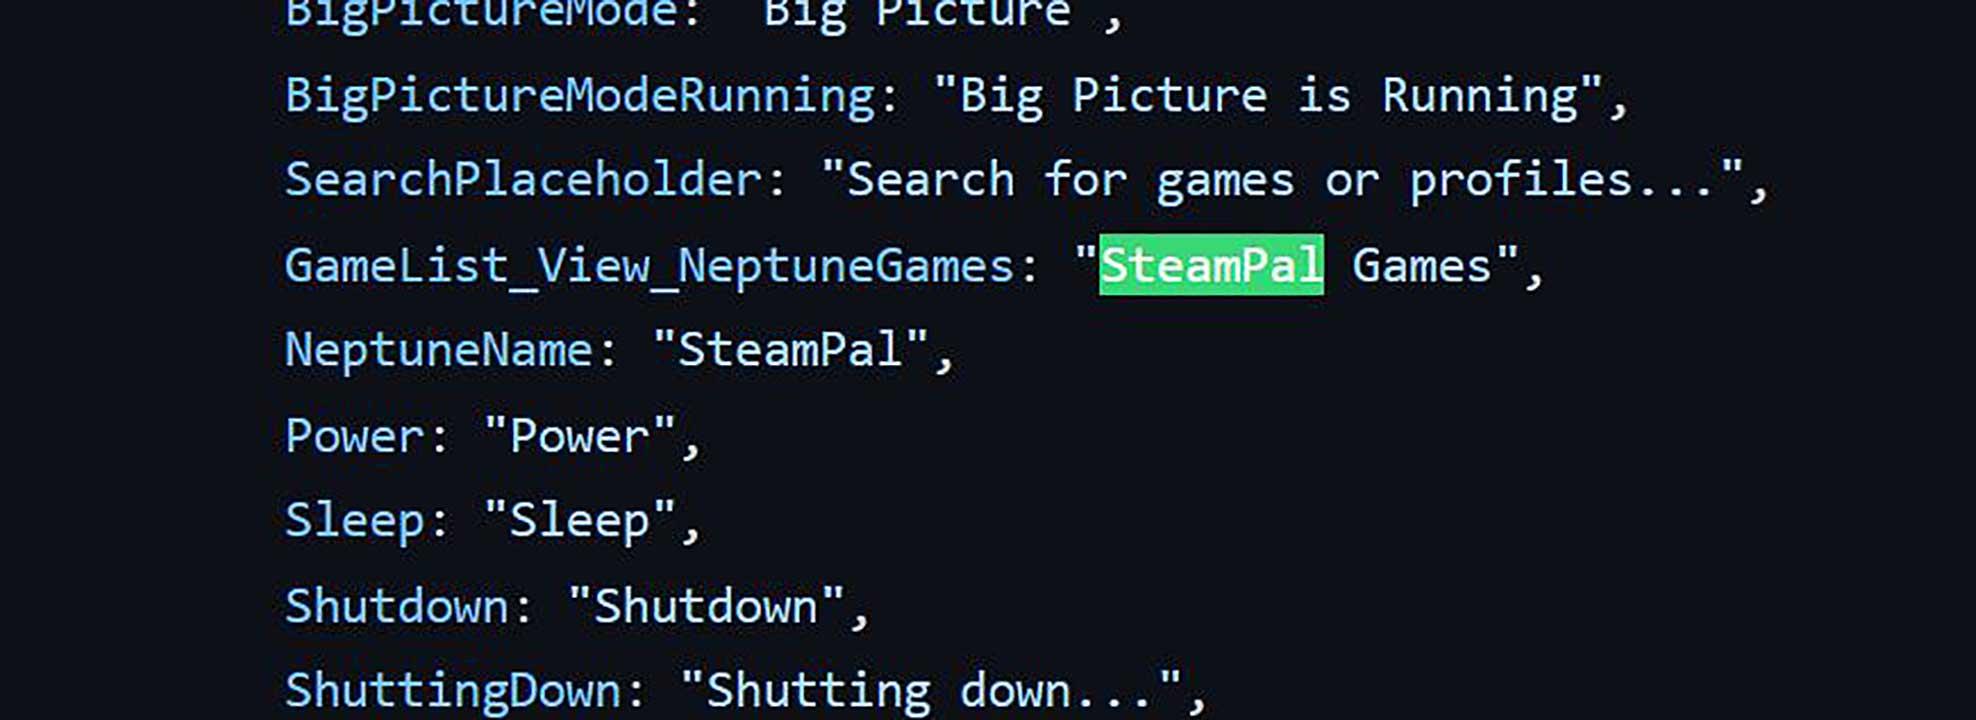 steampal